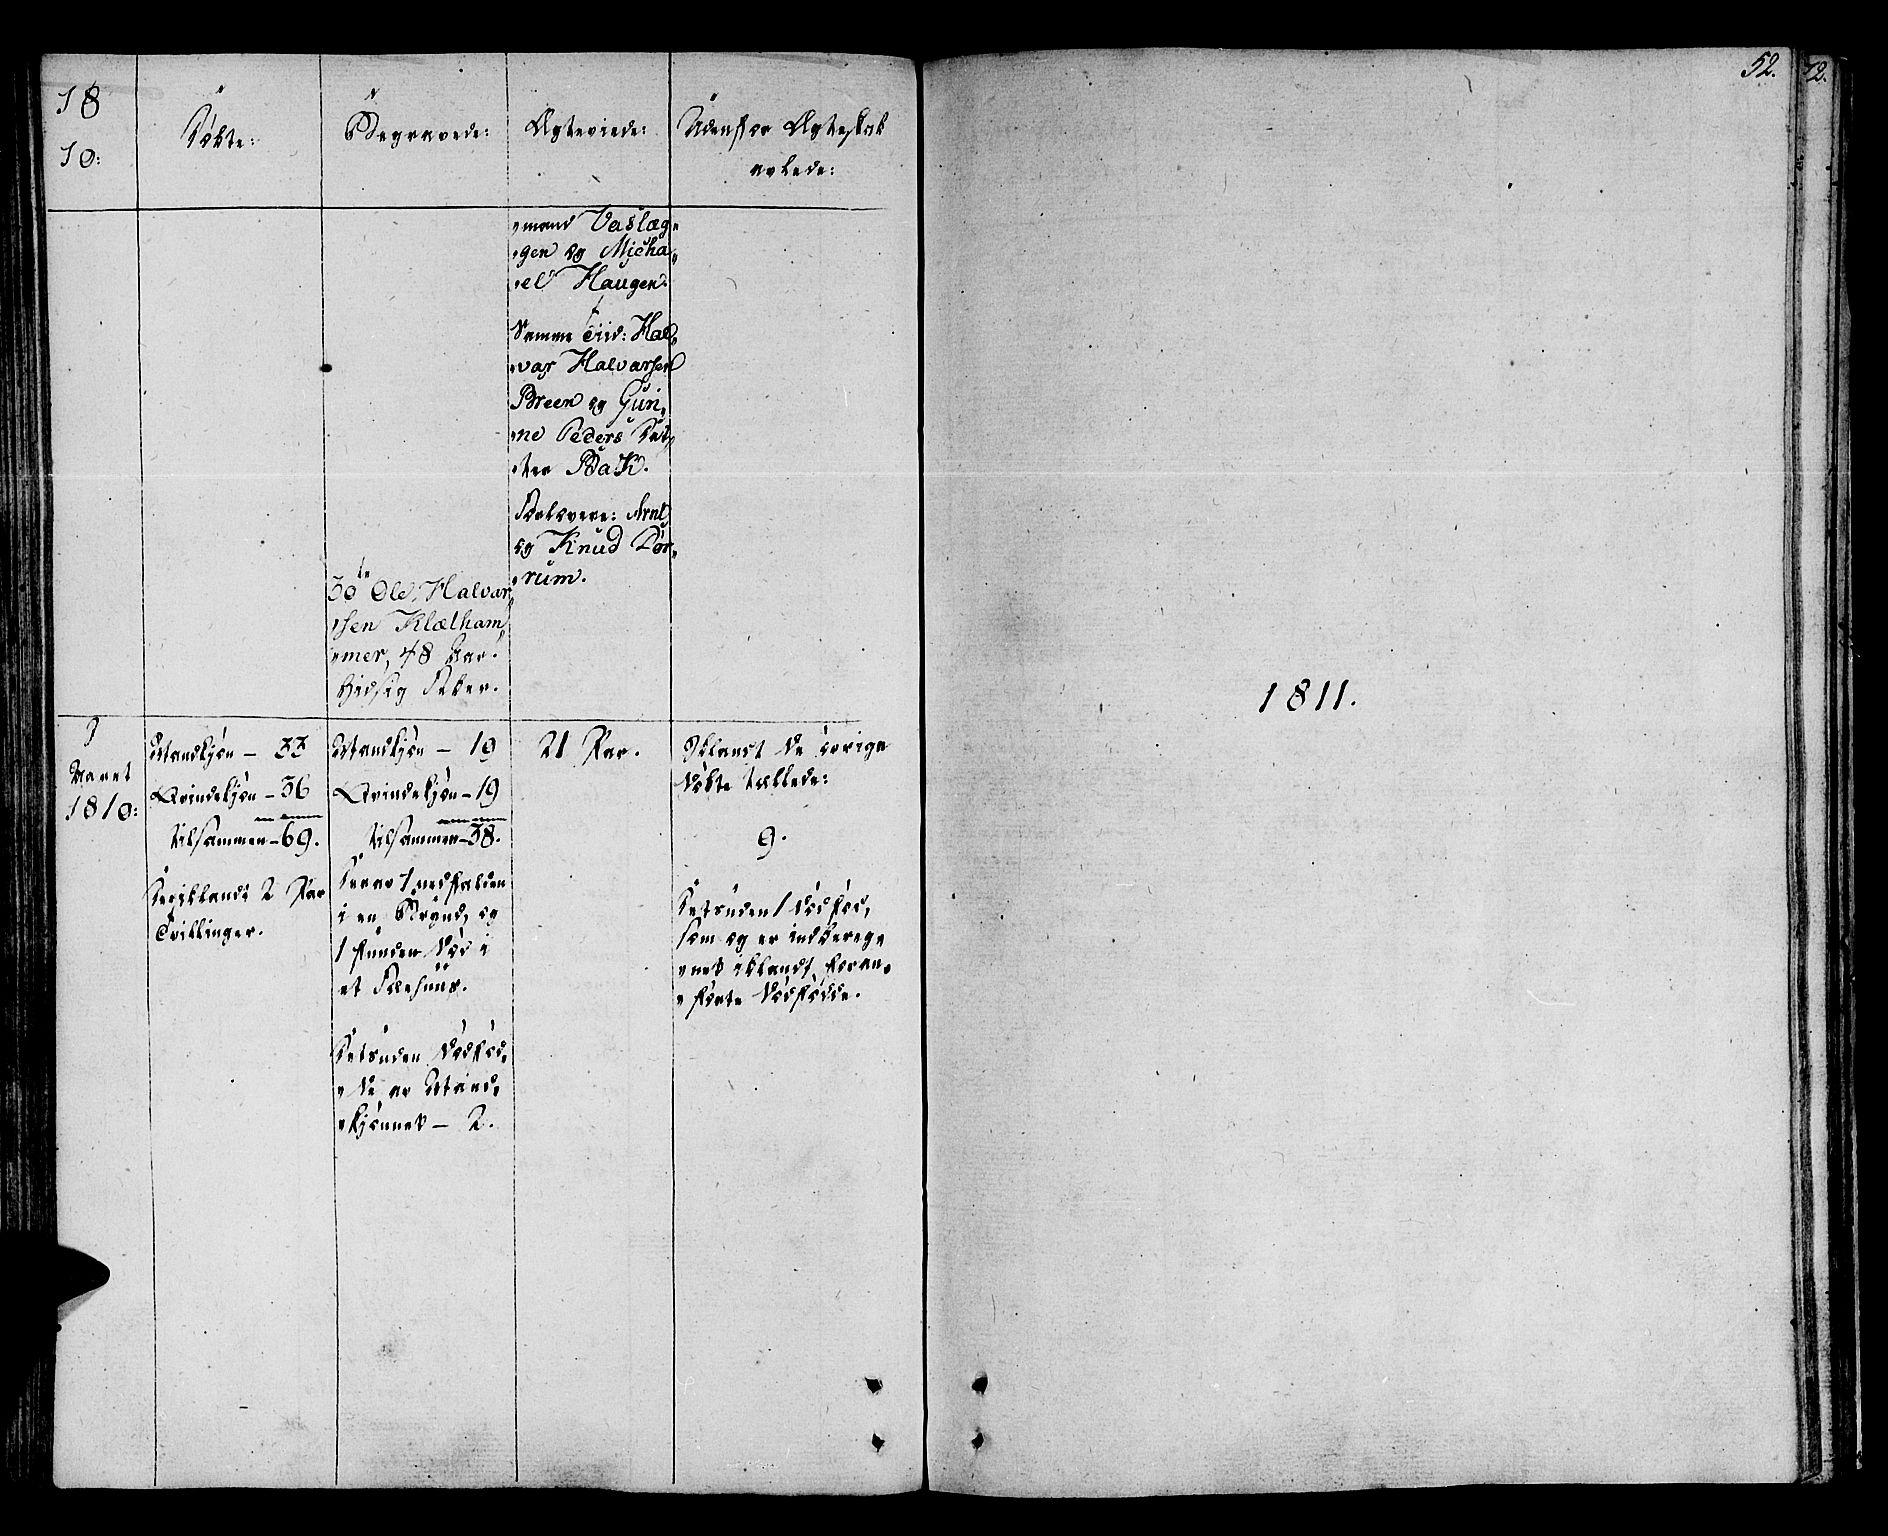 SAT, Ministerialprotokoller, klokkerbøker og fødselsregistre - Sør-Trøndelag, 678/L0894: Ministerialbok nr. 678A04, 1806-1815, s. 52